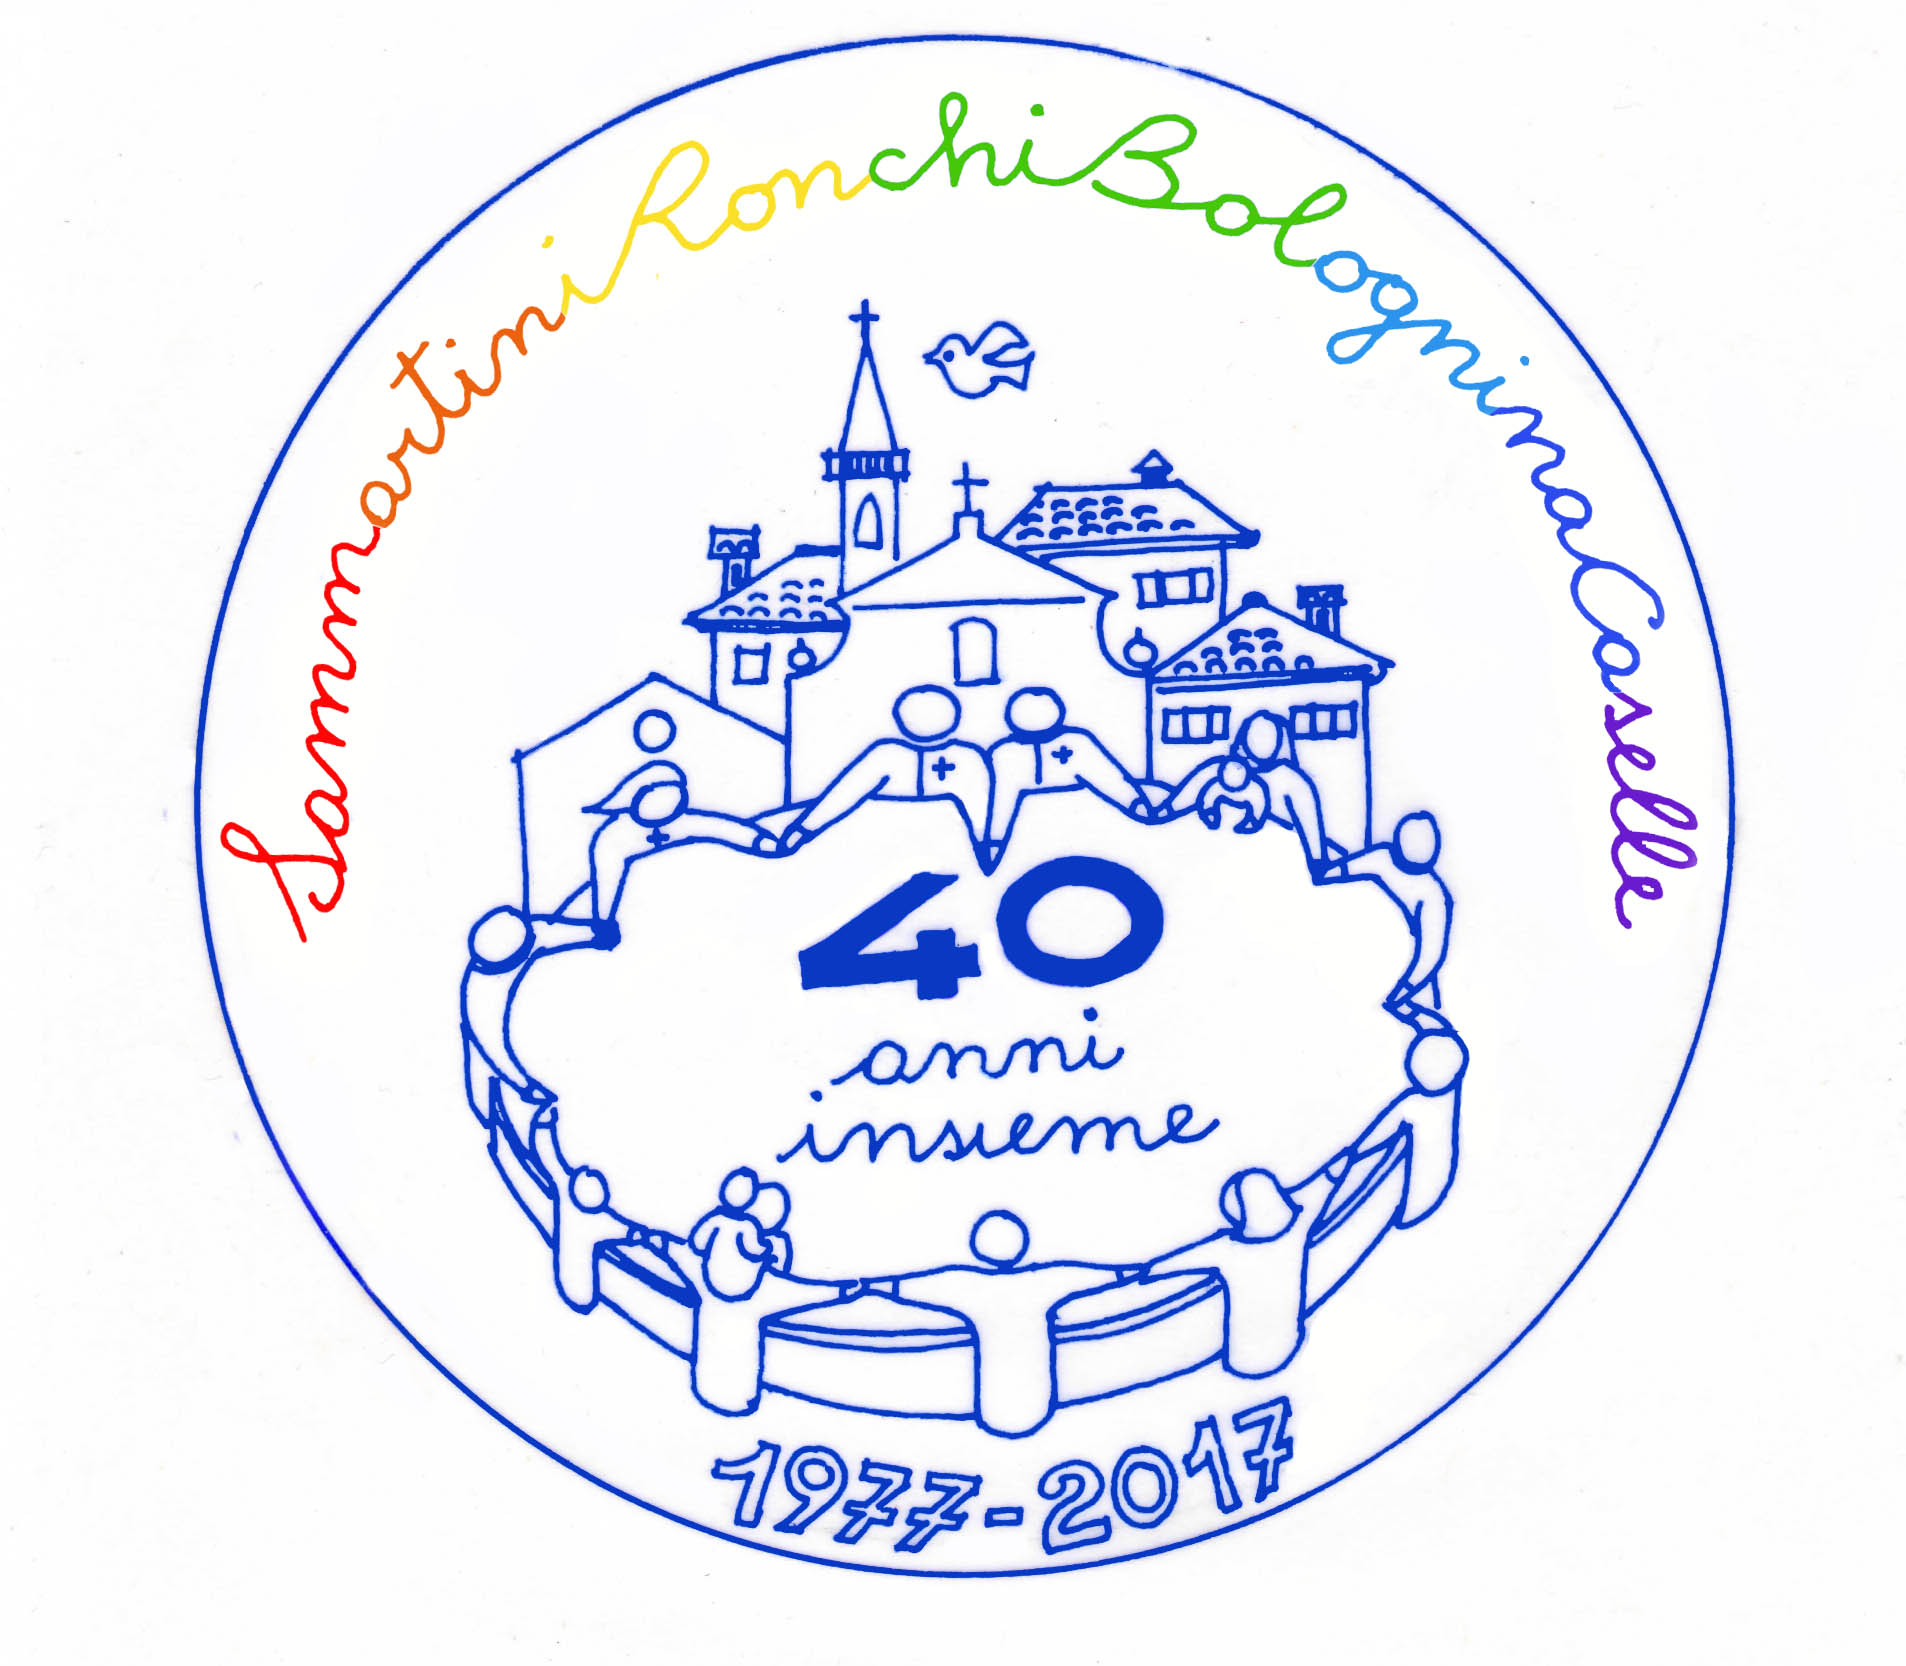 40 Anni a Sammartini – Camminiamo dalla Dozza a Sammartini – Programma aggiornato